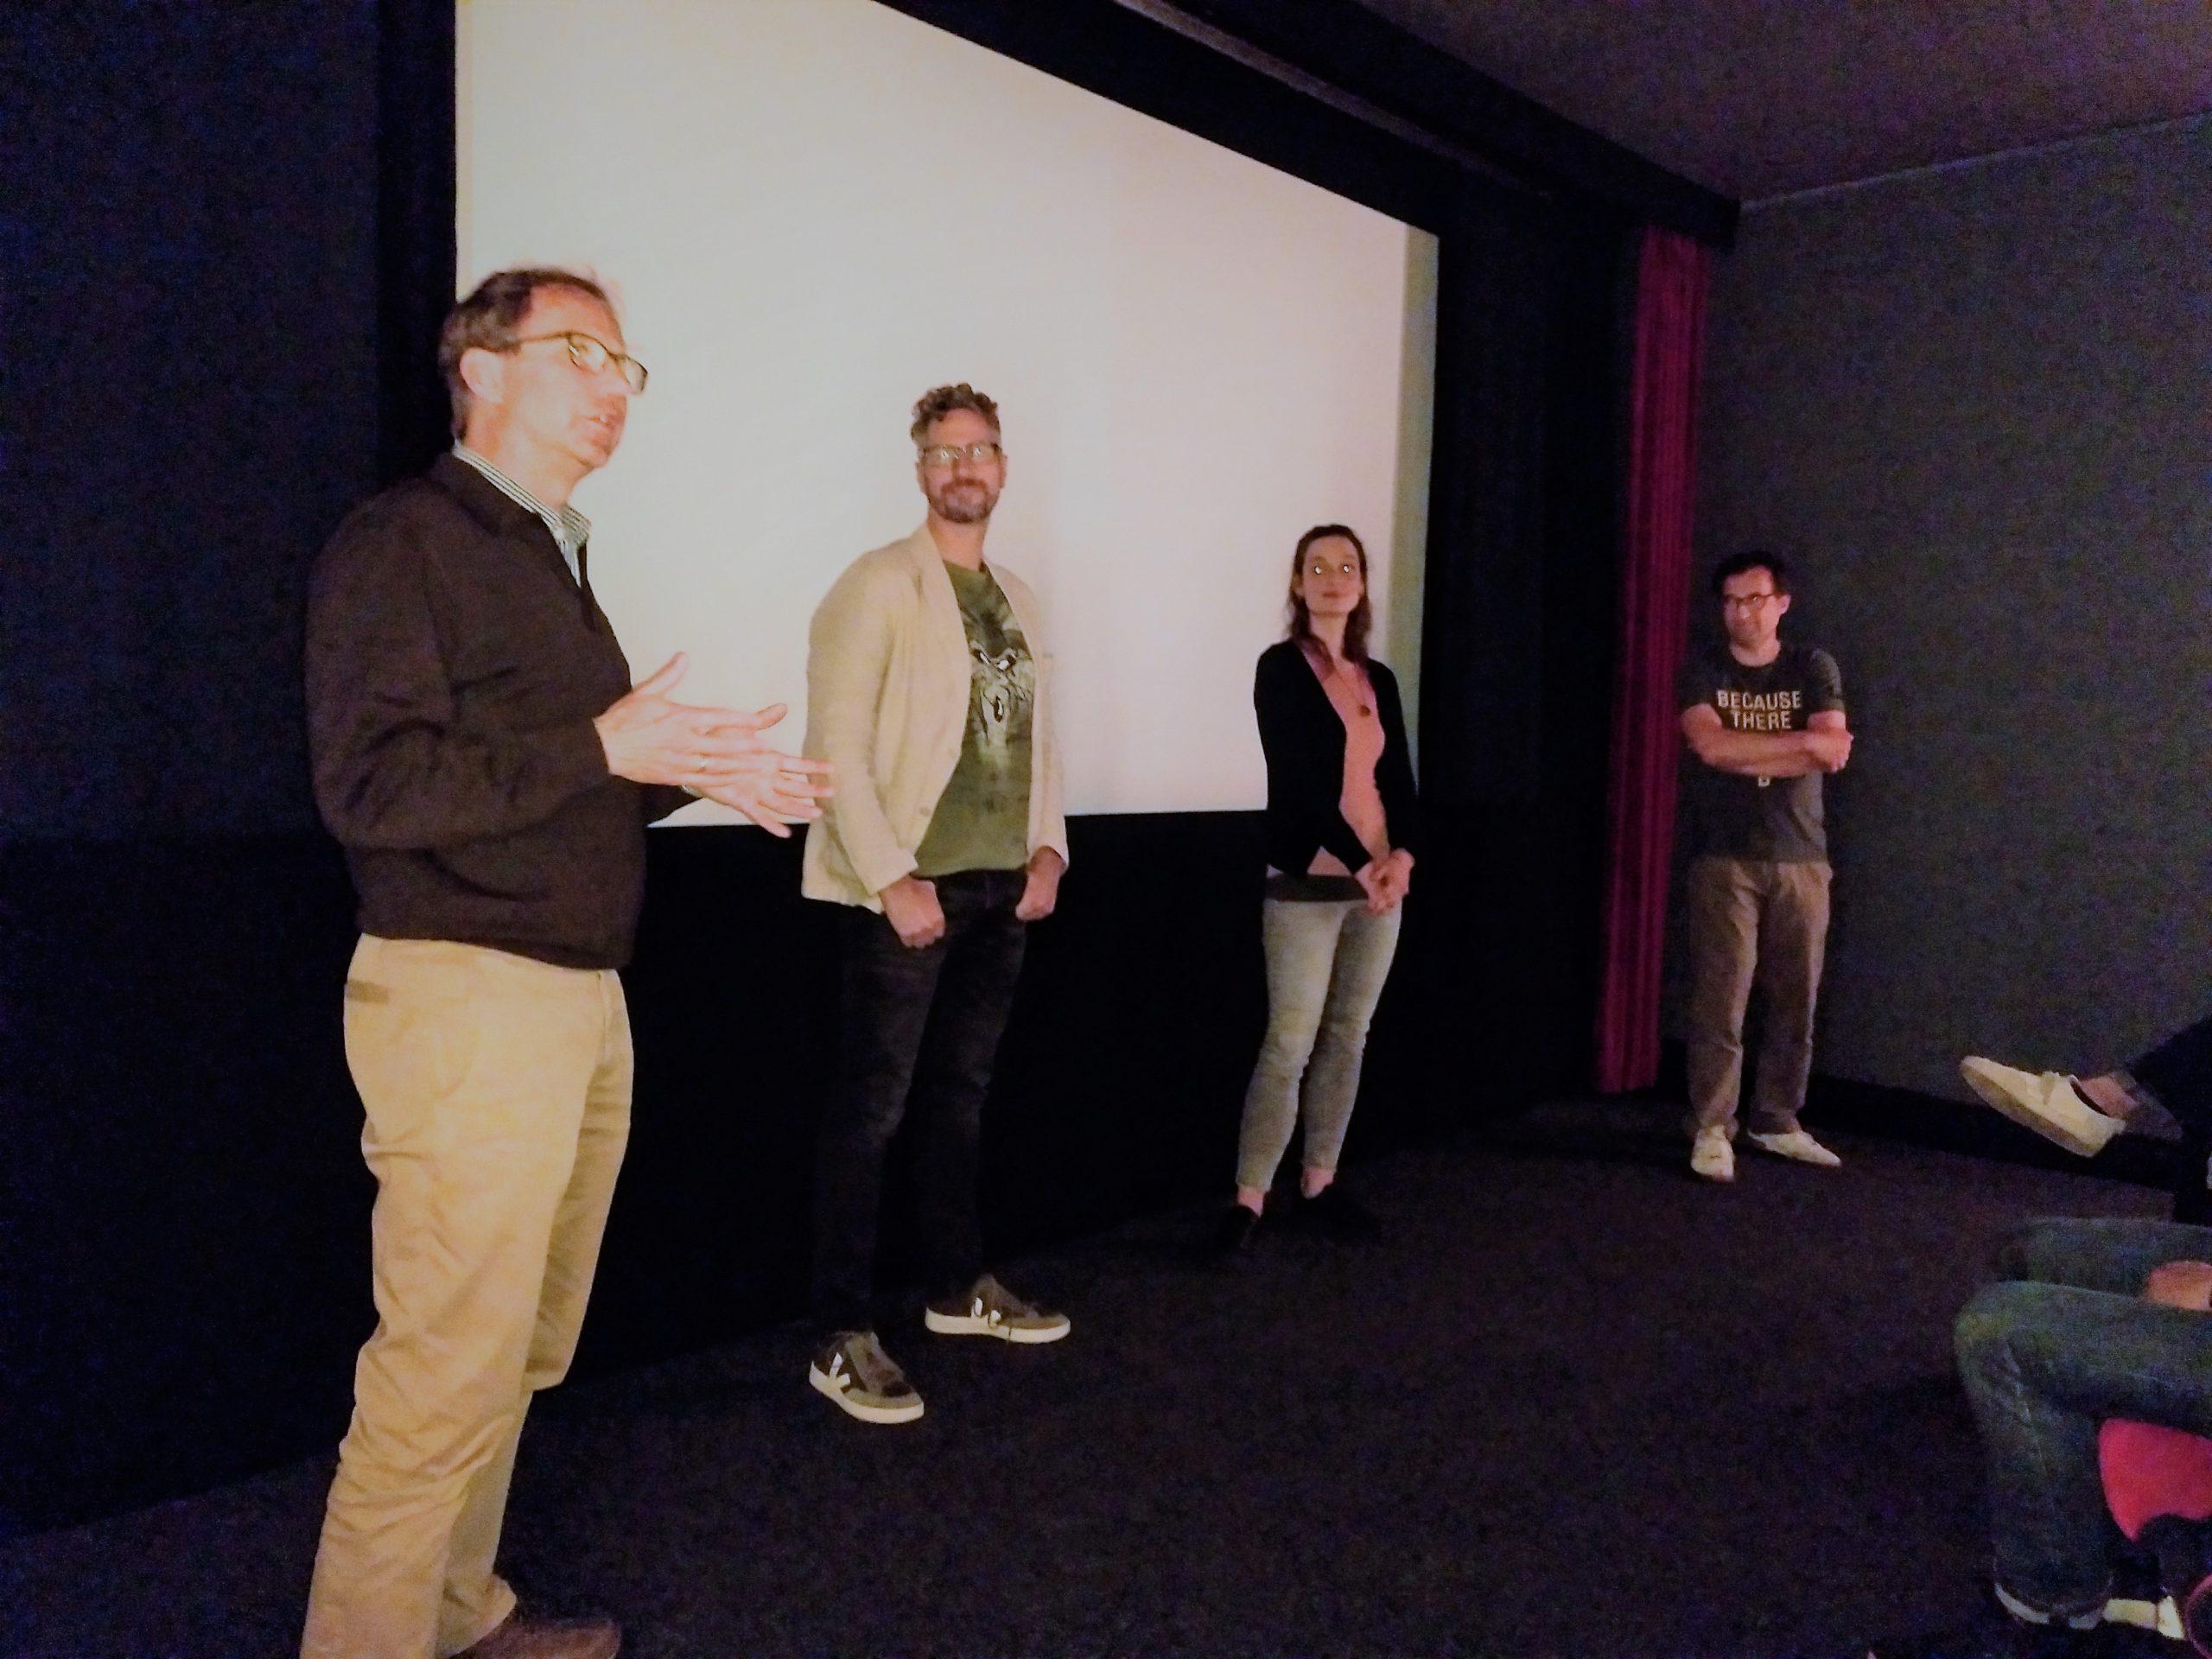 Vier Personen sind im Muvi-Saal des Cine-k vor der Leinwand zu sehen, die miteinander im Gespräch sind.